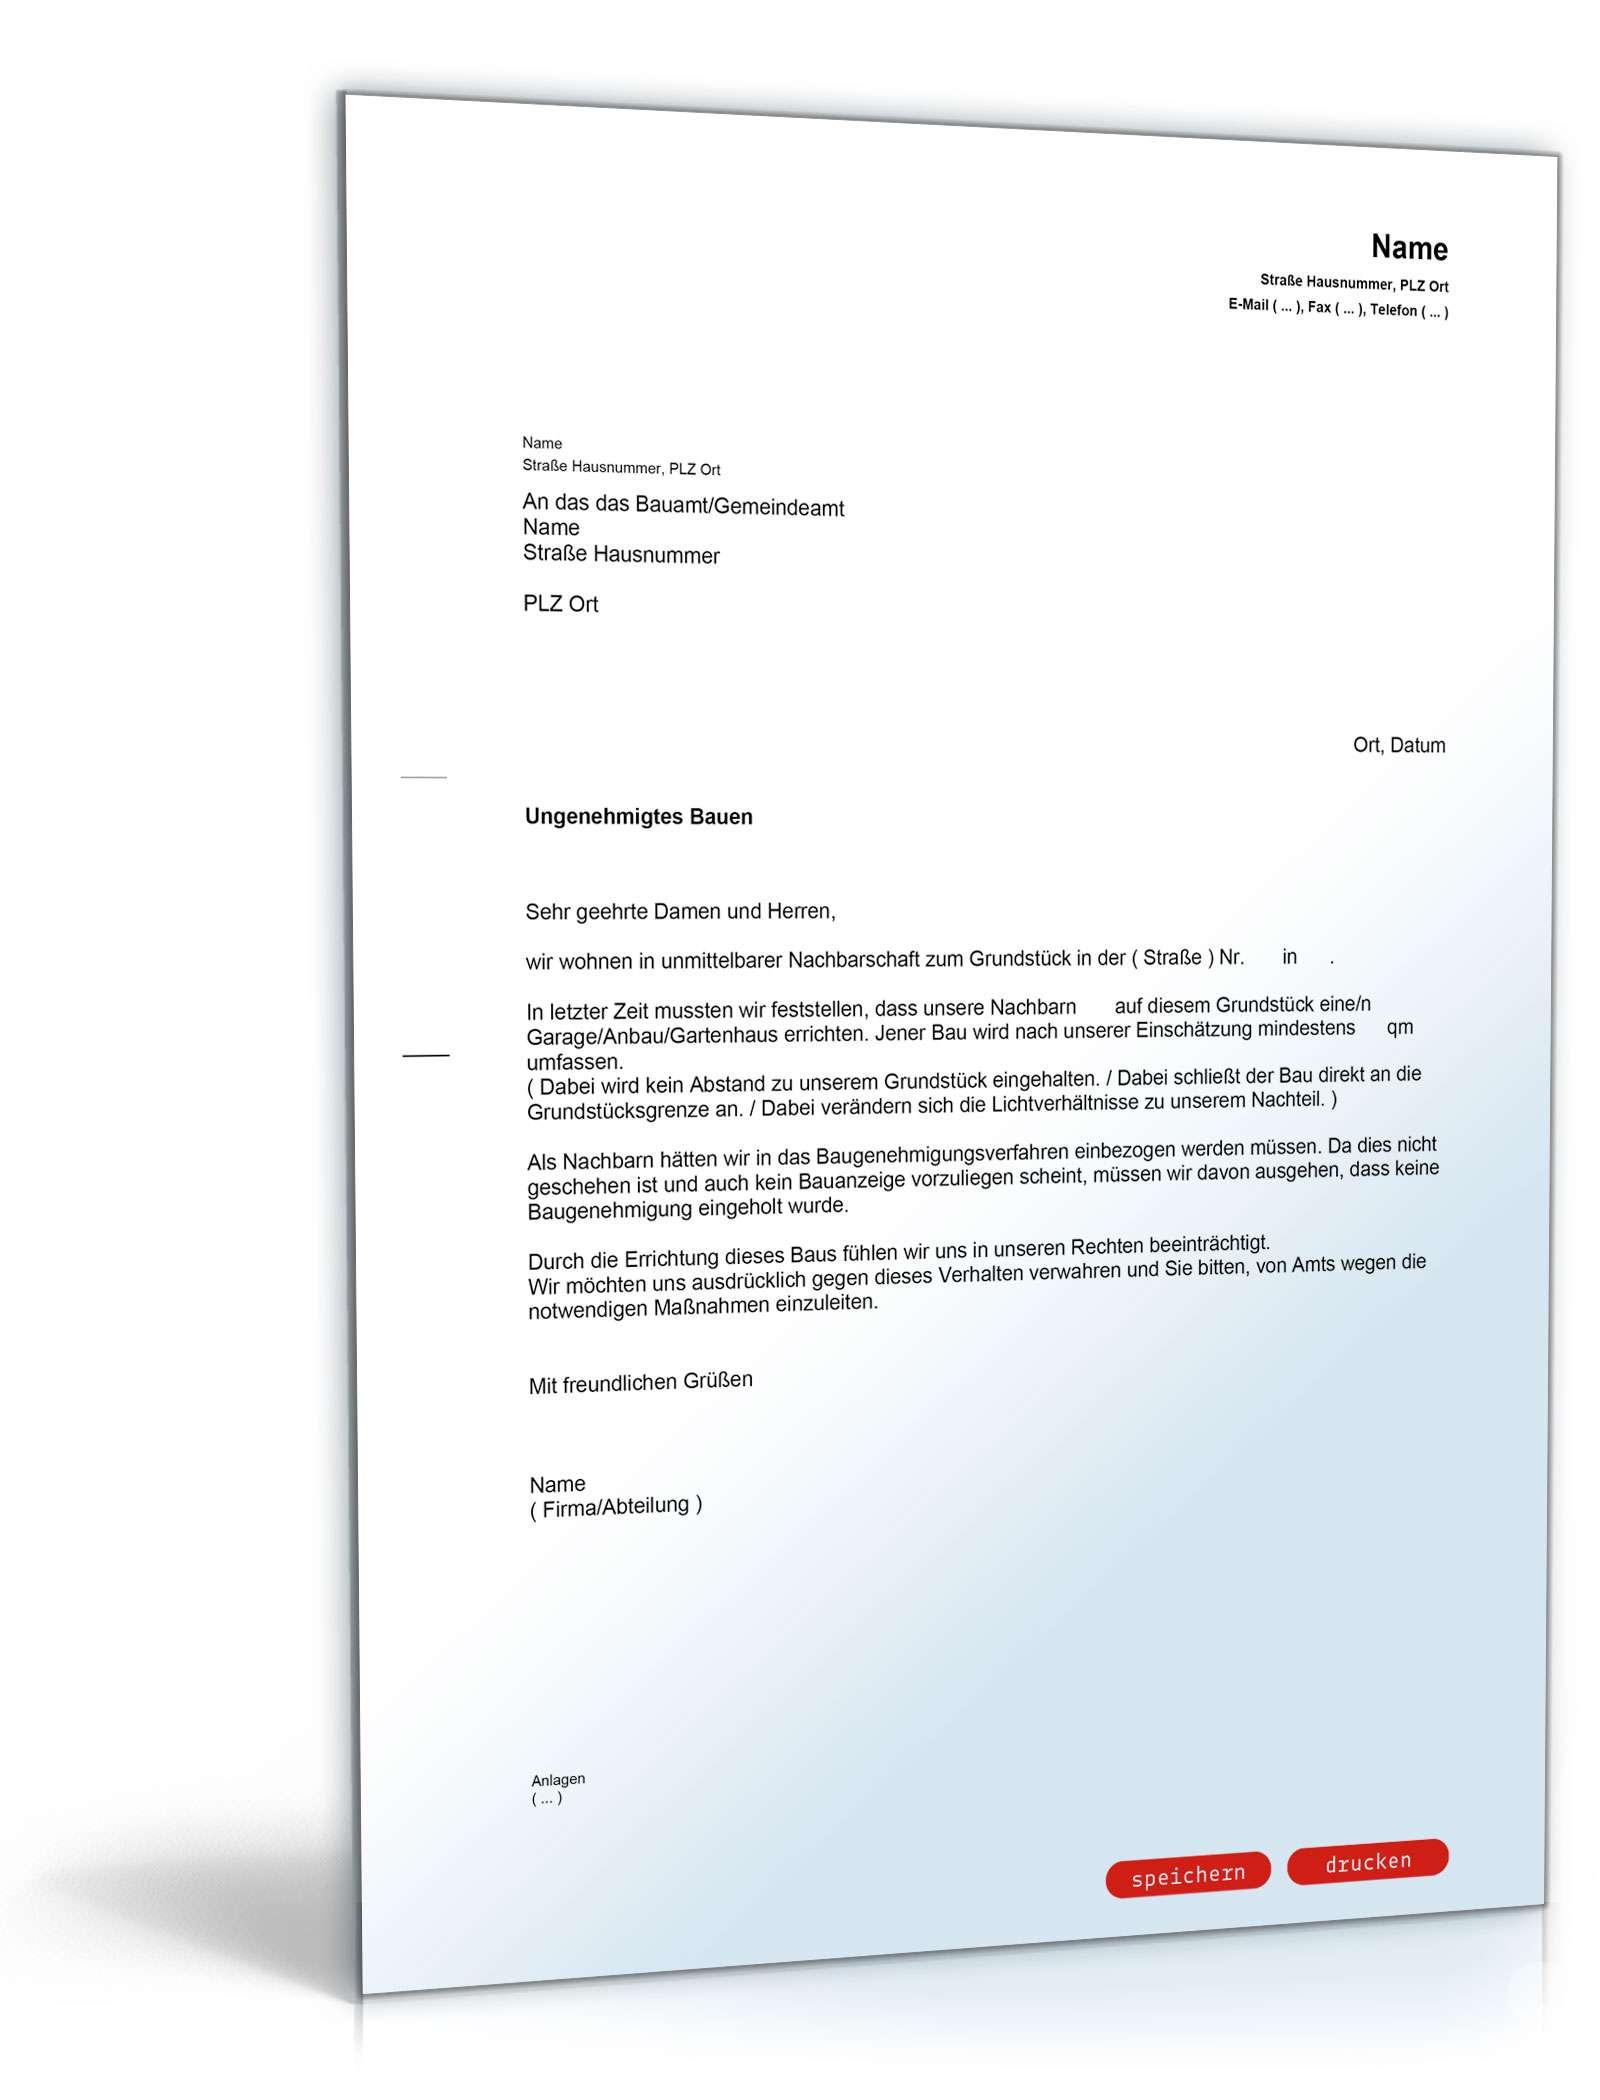 Anzeige (ungenehmigtes Bauen) - Muster-Vorlage zum Download